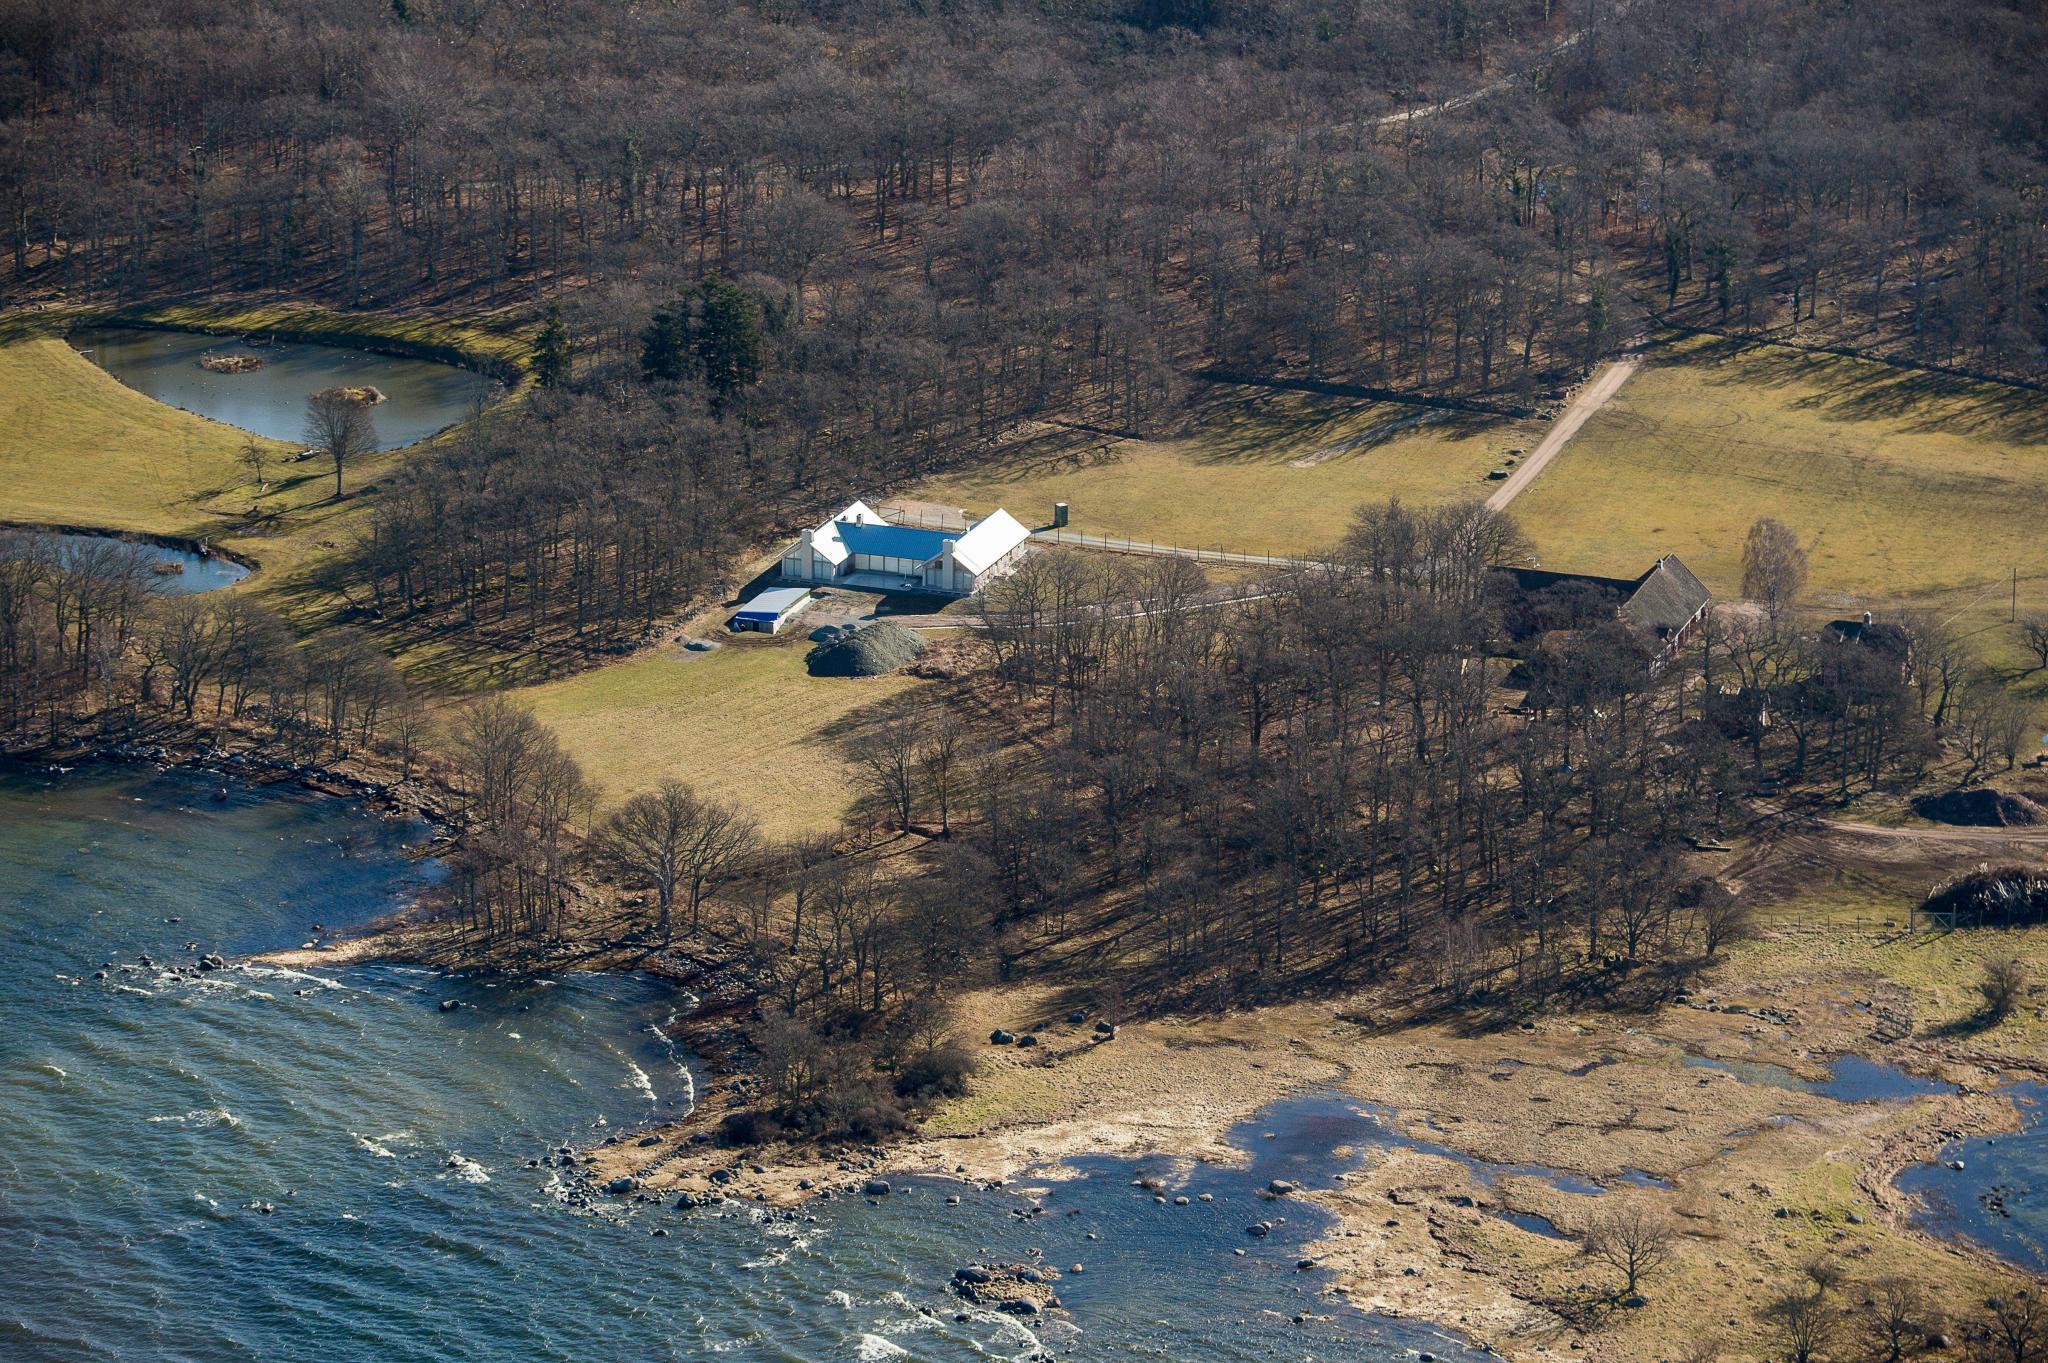 Traumhafte Lage mit Ostseeblick - diese Villa haben sich Victoria und Daniel in den vergangenen Jahren auf dem Gelände von Schloss Solliden auf Öland als Ferienhaus errichten lassen.